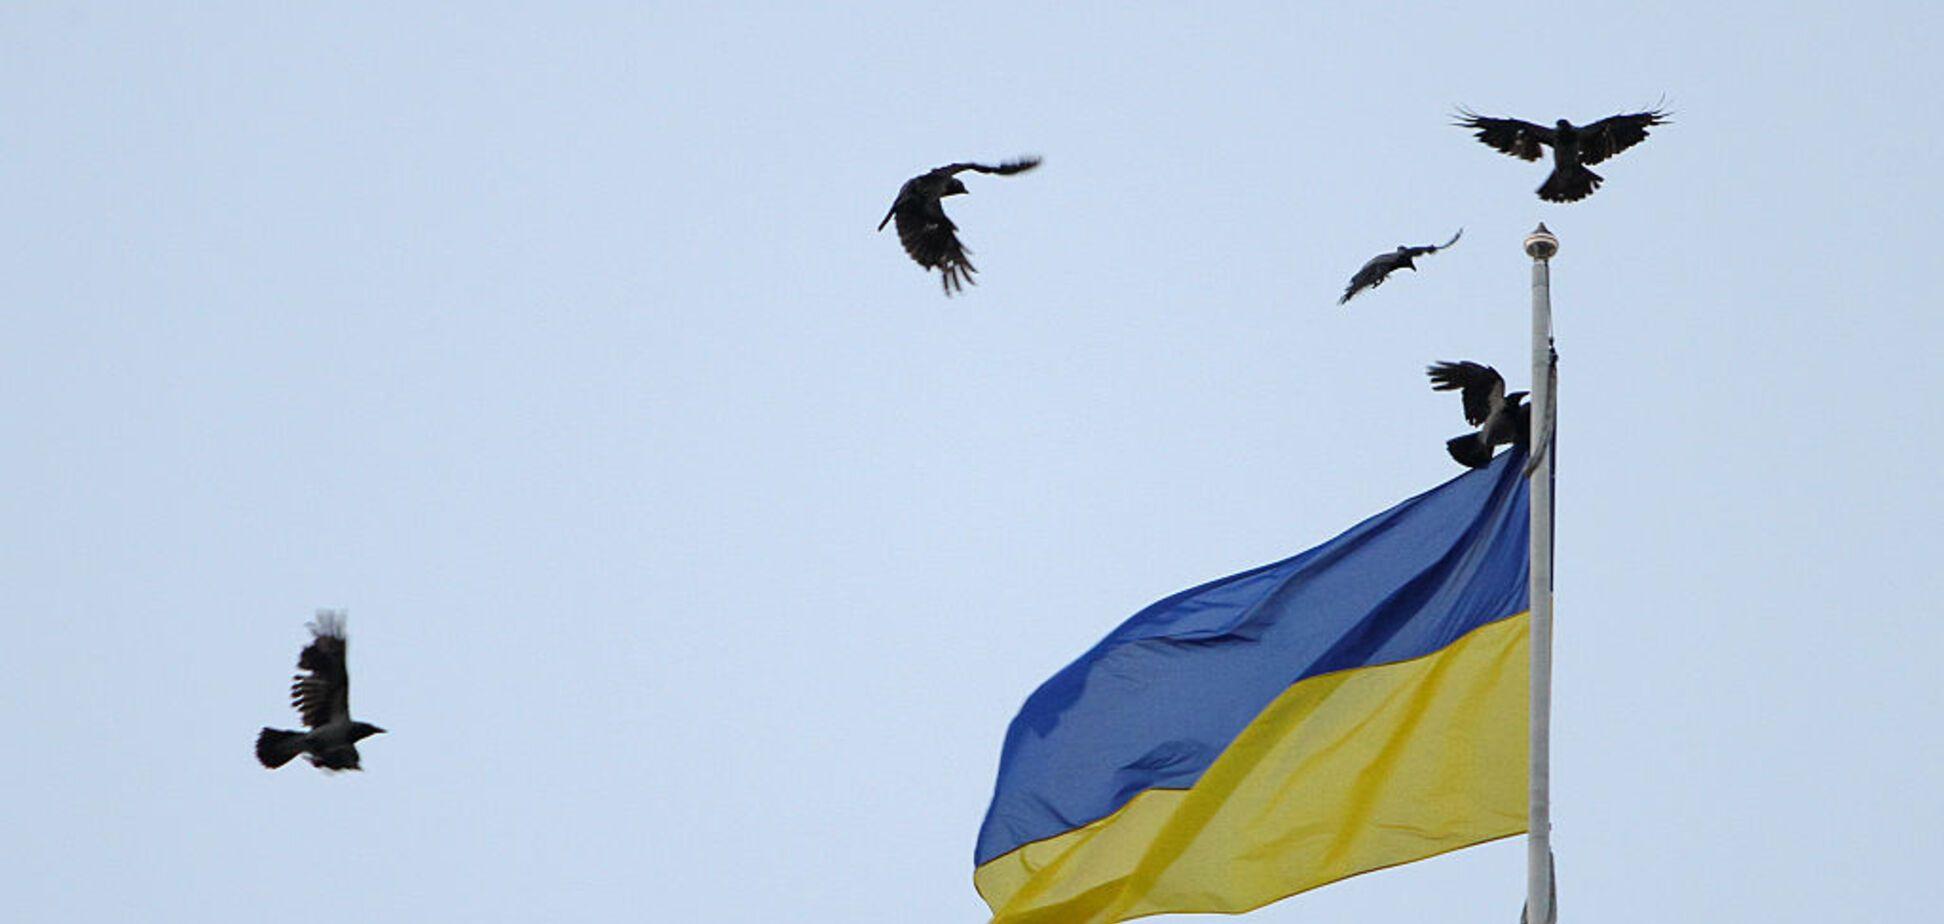 Знают о планах Путина? Крупнейший мобильный оператор Украины угодил в громкий скандал